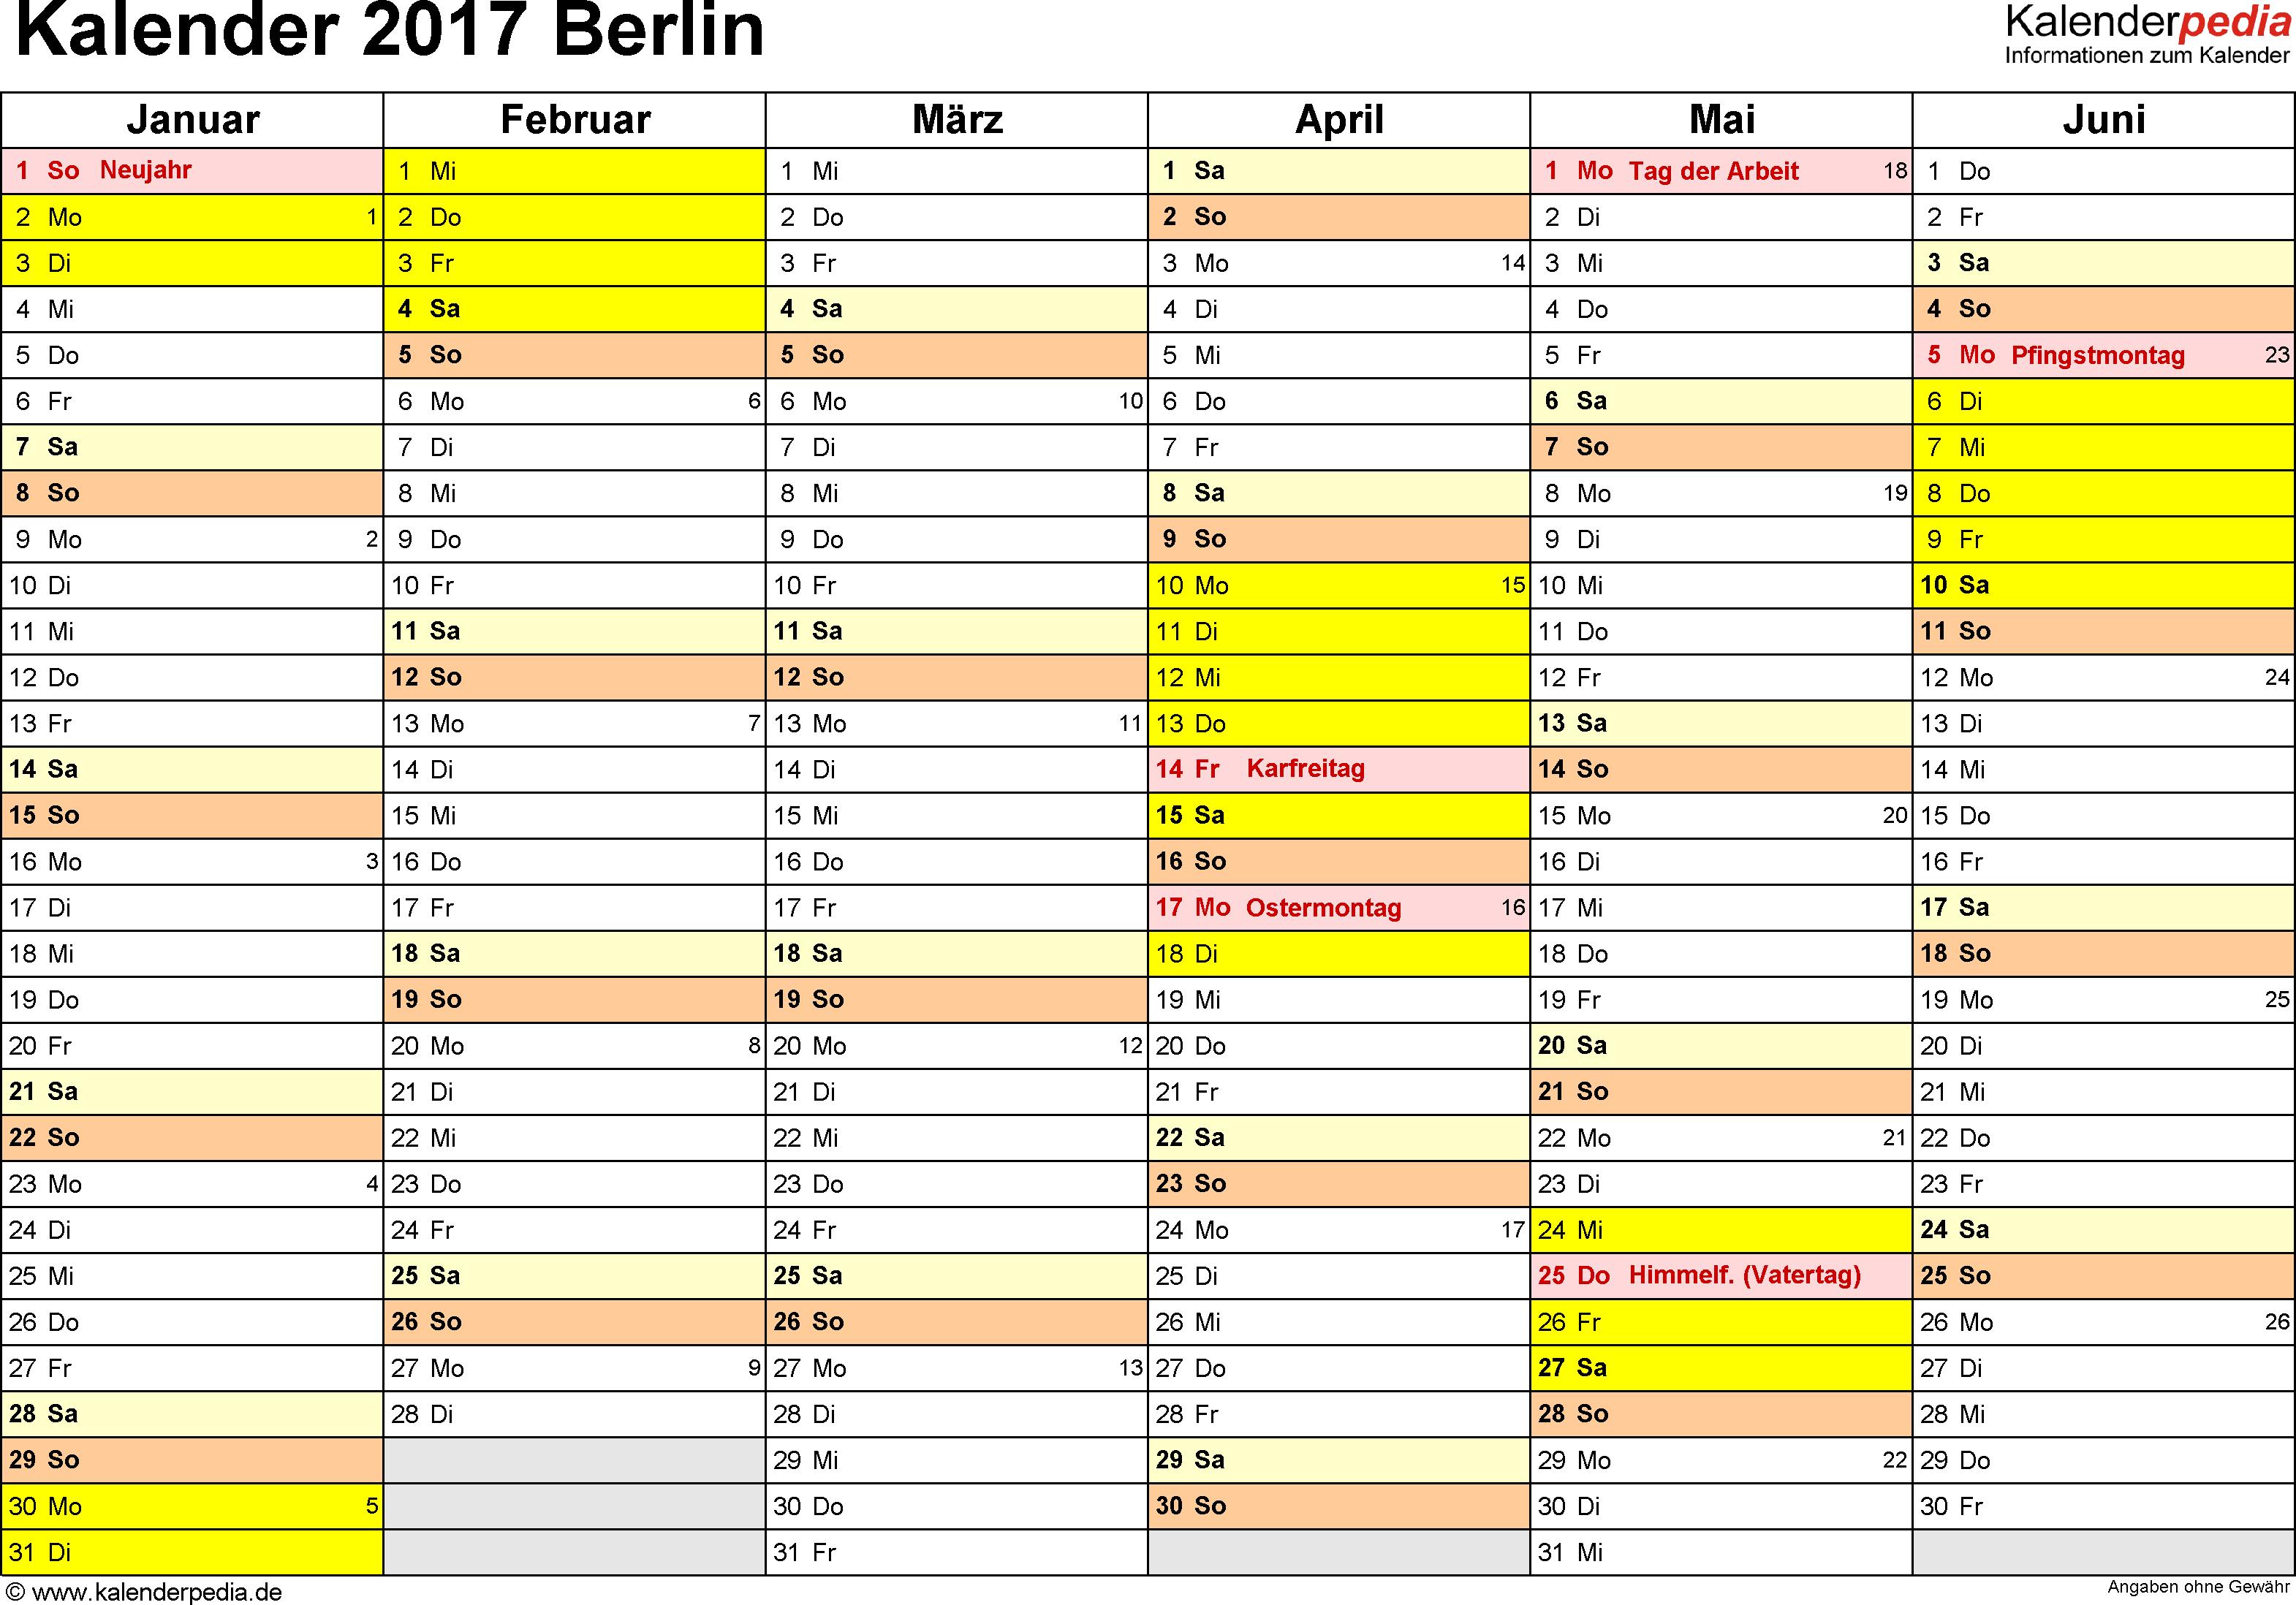 Vorlage 2: Kalender 2017 für Berlin als Word-Vorlage (Querformat, 2 Seiten)